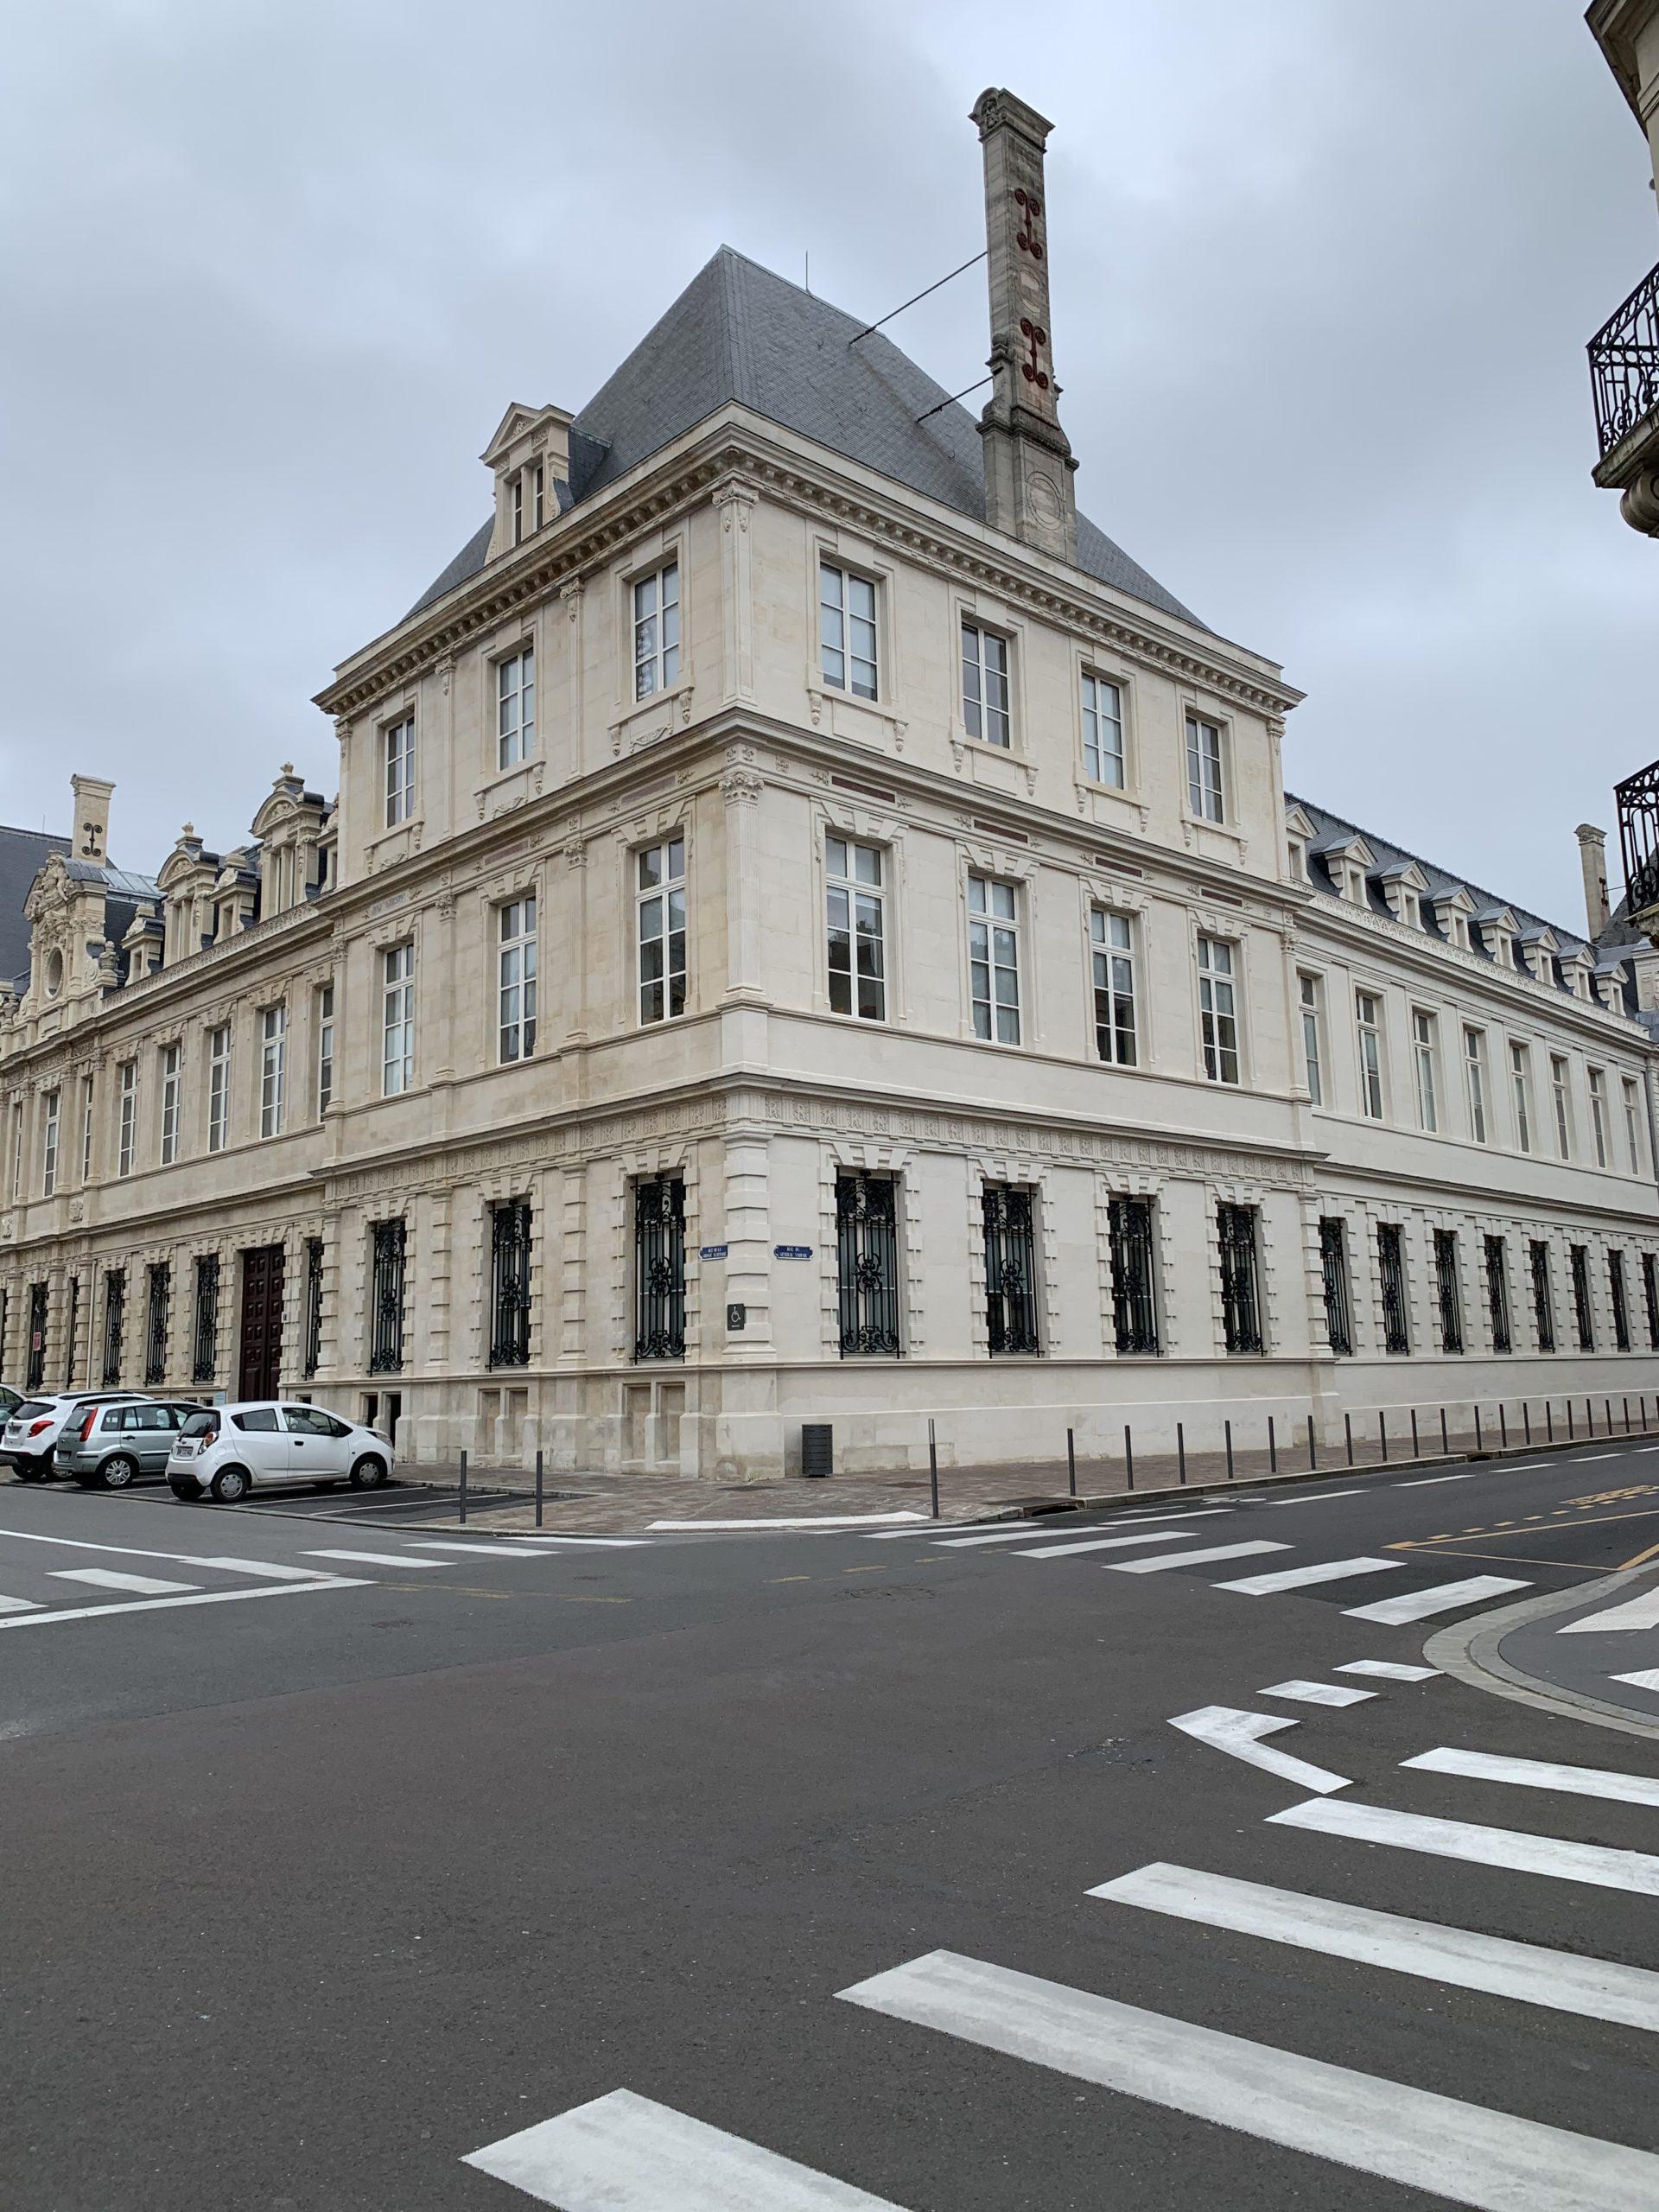 menuiserie-lambert-projet-hotel-de-ville-reims-1